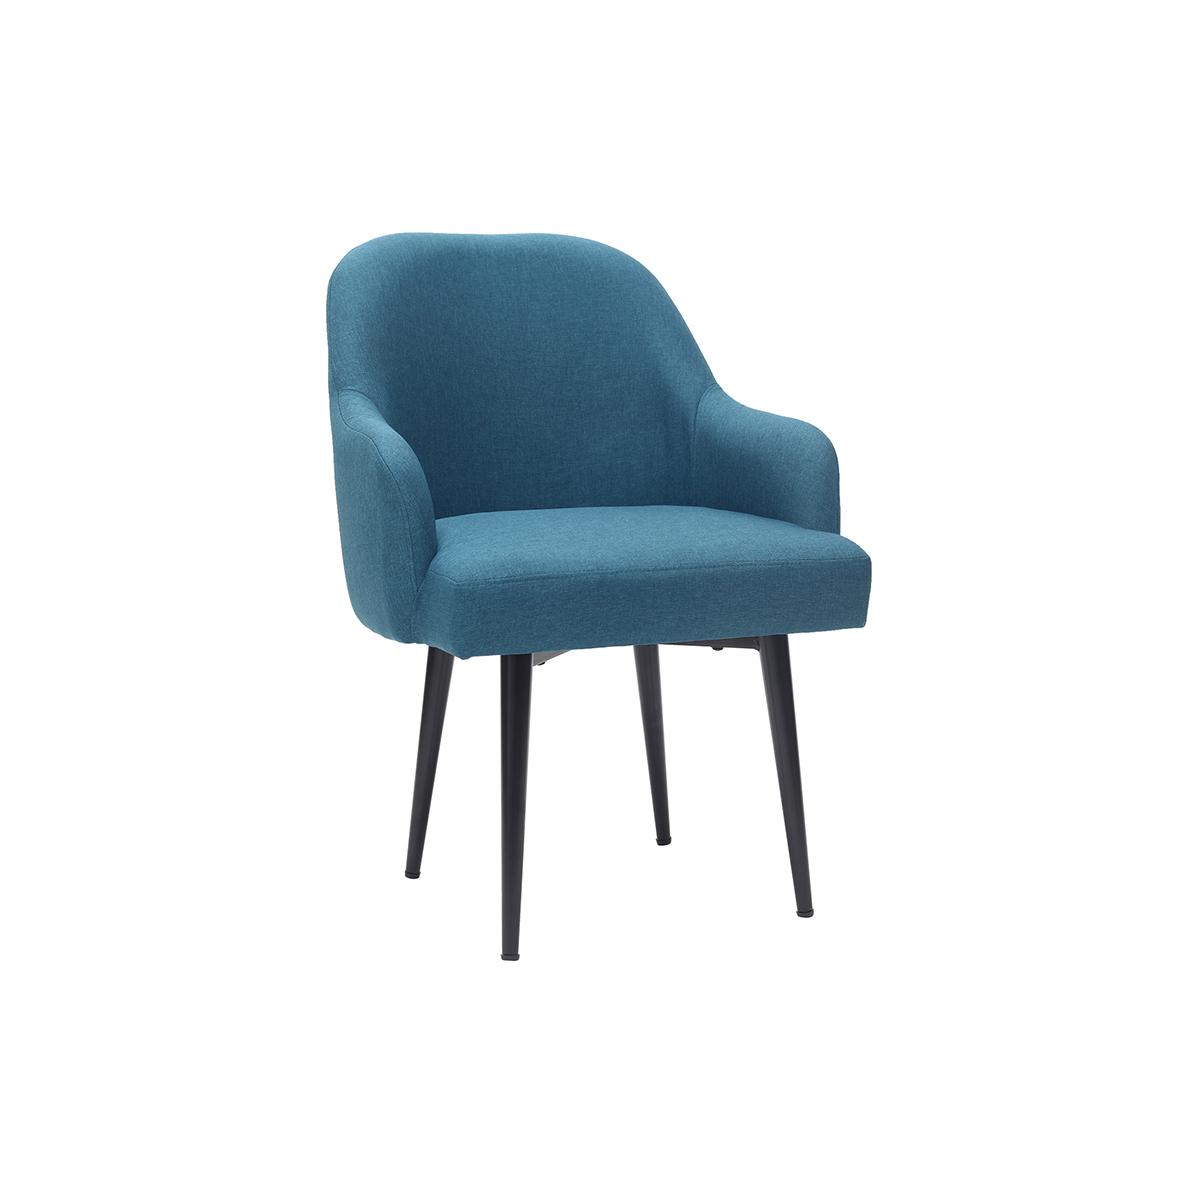 Poltrona design in tessuto blu anatra e piedi in metallo nero AMON